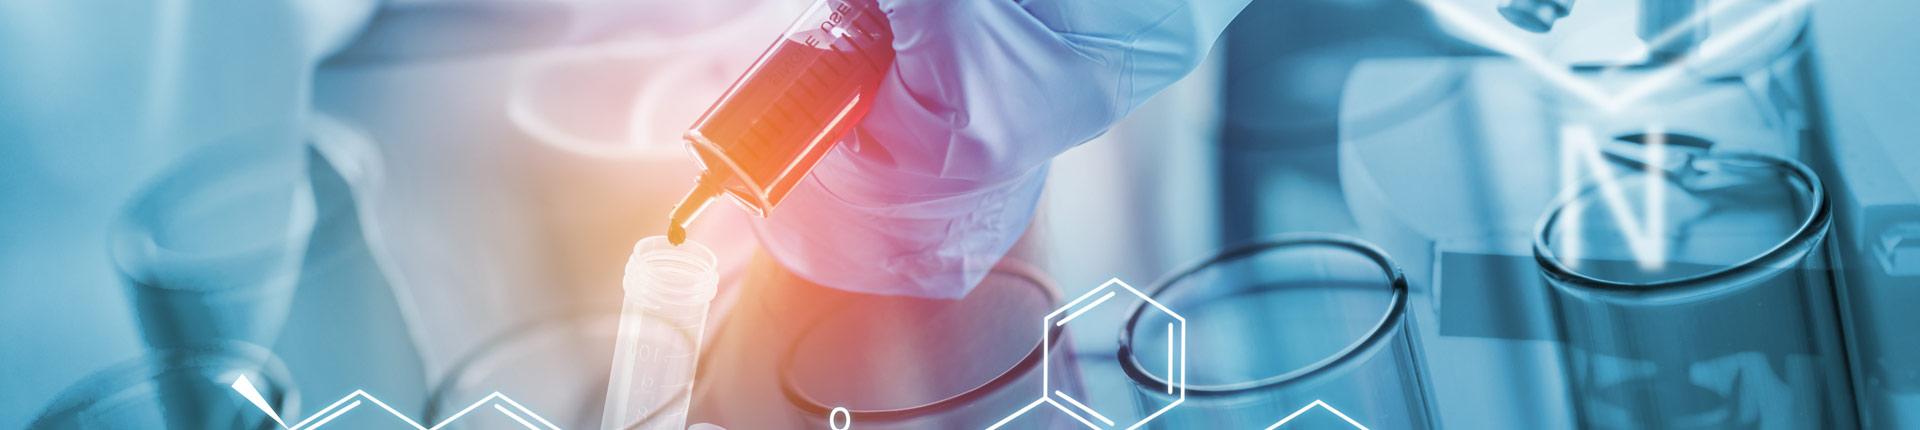 Orzechy zmniejszają ryzyko śmierci u osób z nowotworem jelita grubego